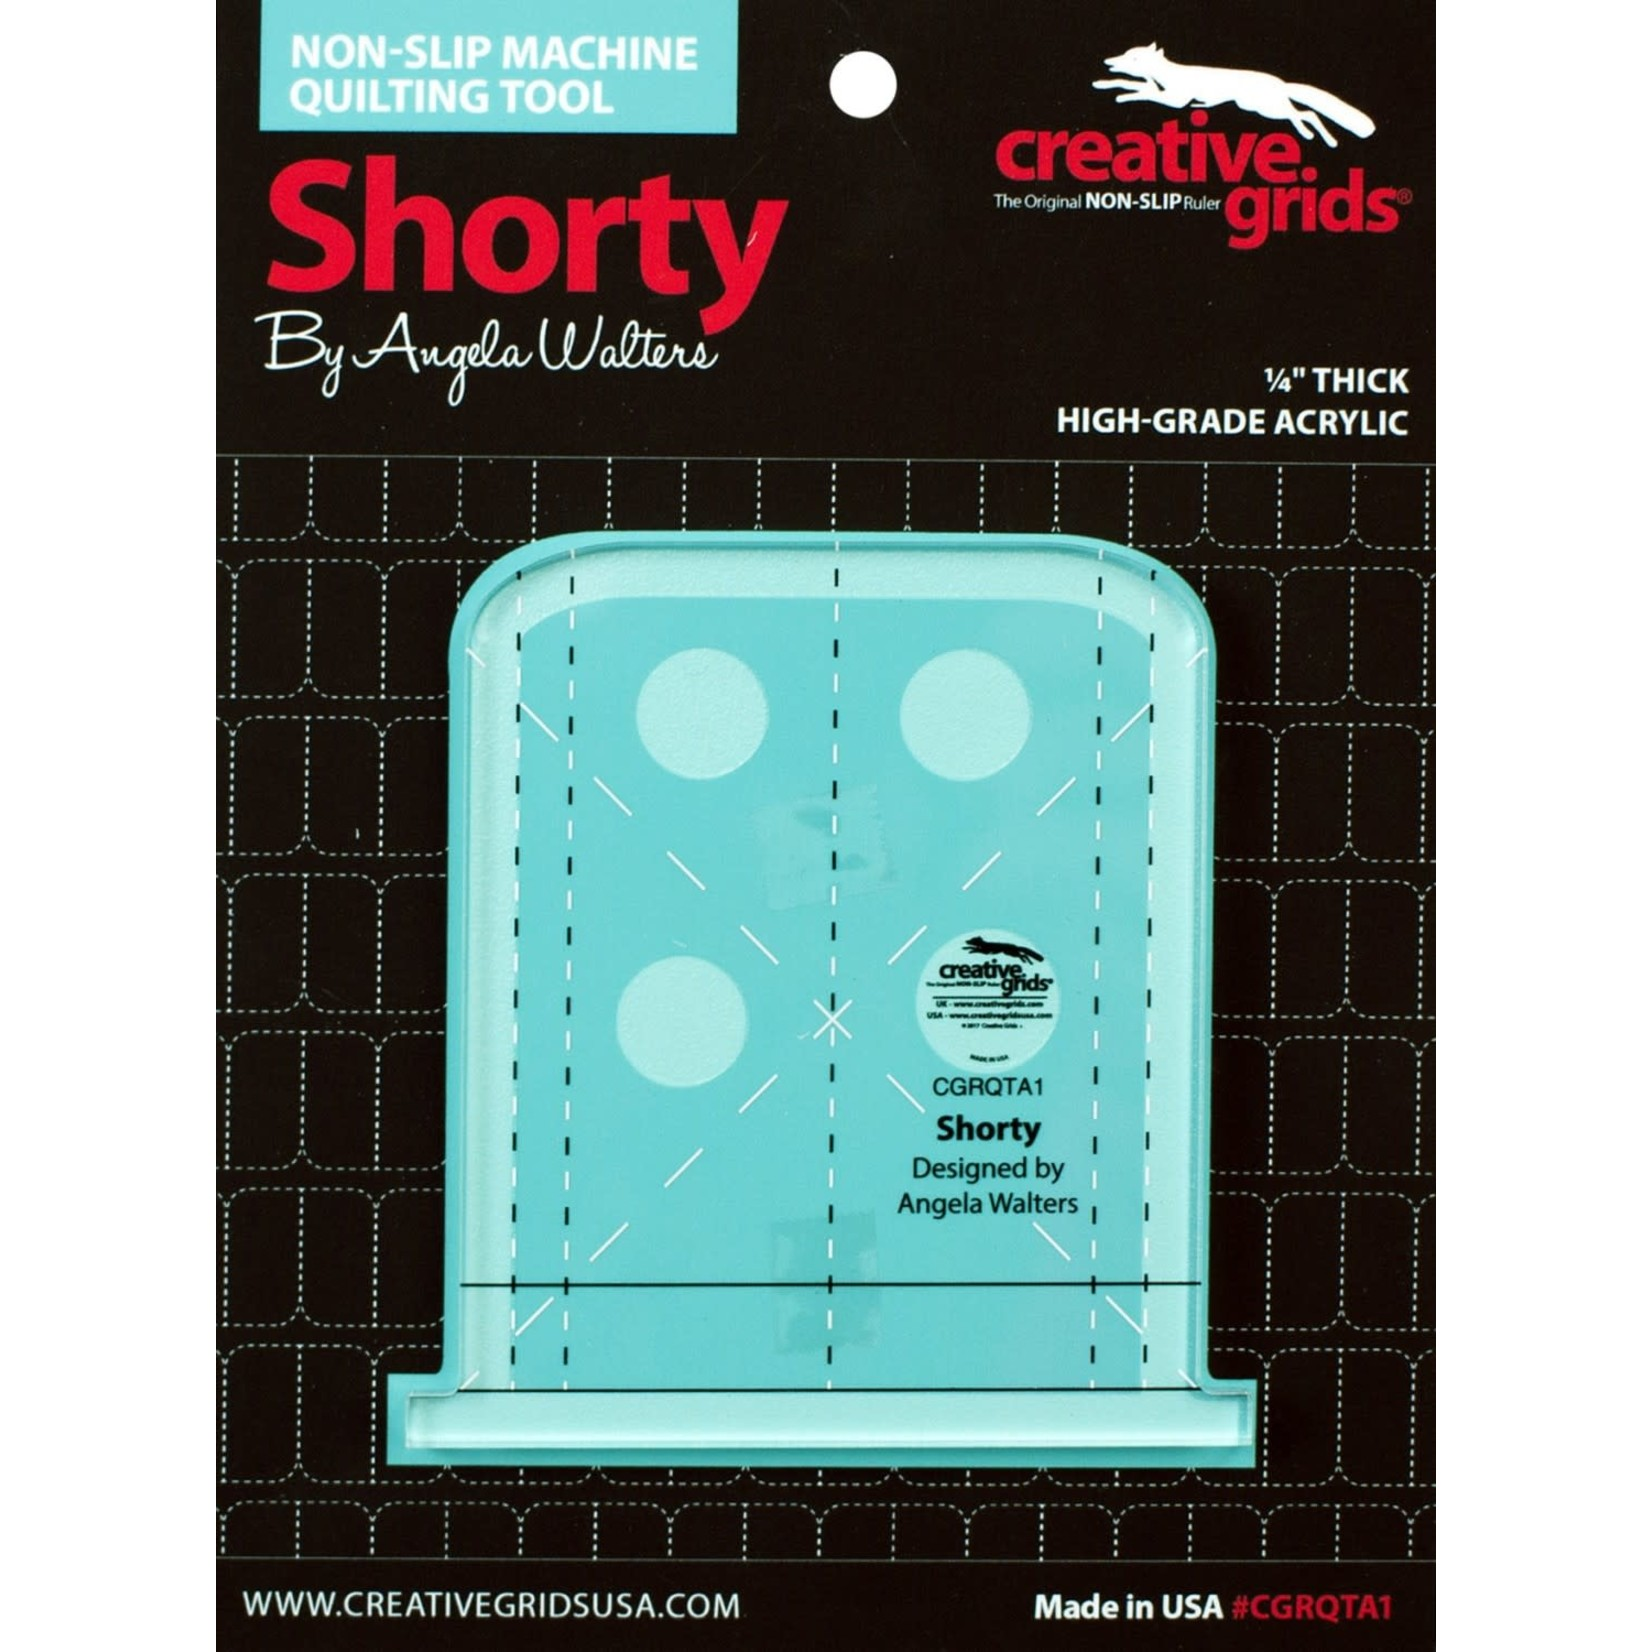 Creative Grids CREATIVE GRIDS SHORTY RULER CGRQTA1